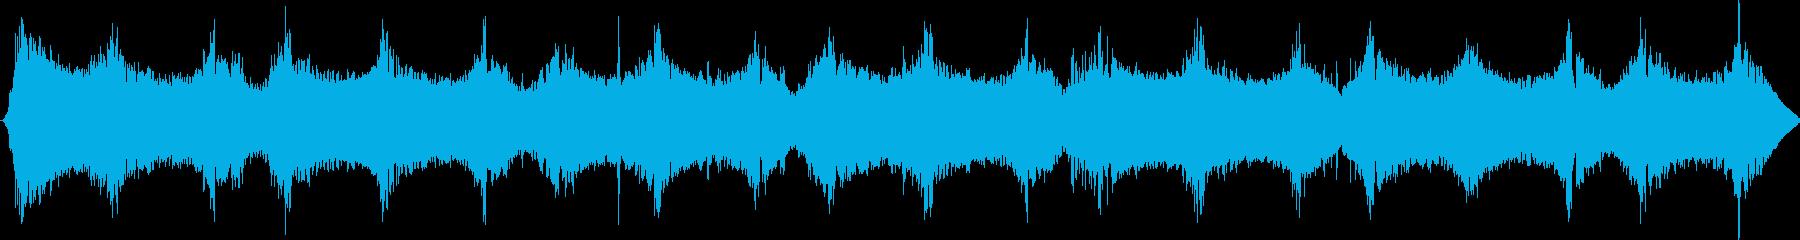 宇宙コンピューターロングクリケット...の再生済みの波形